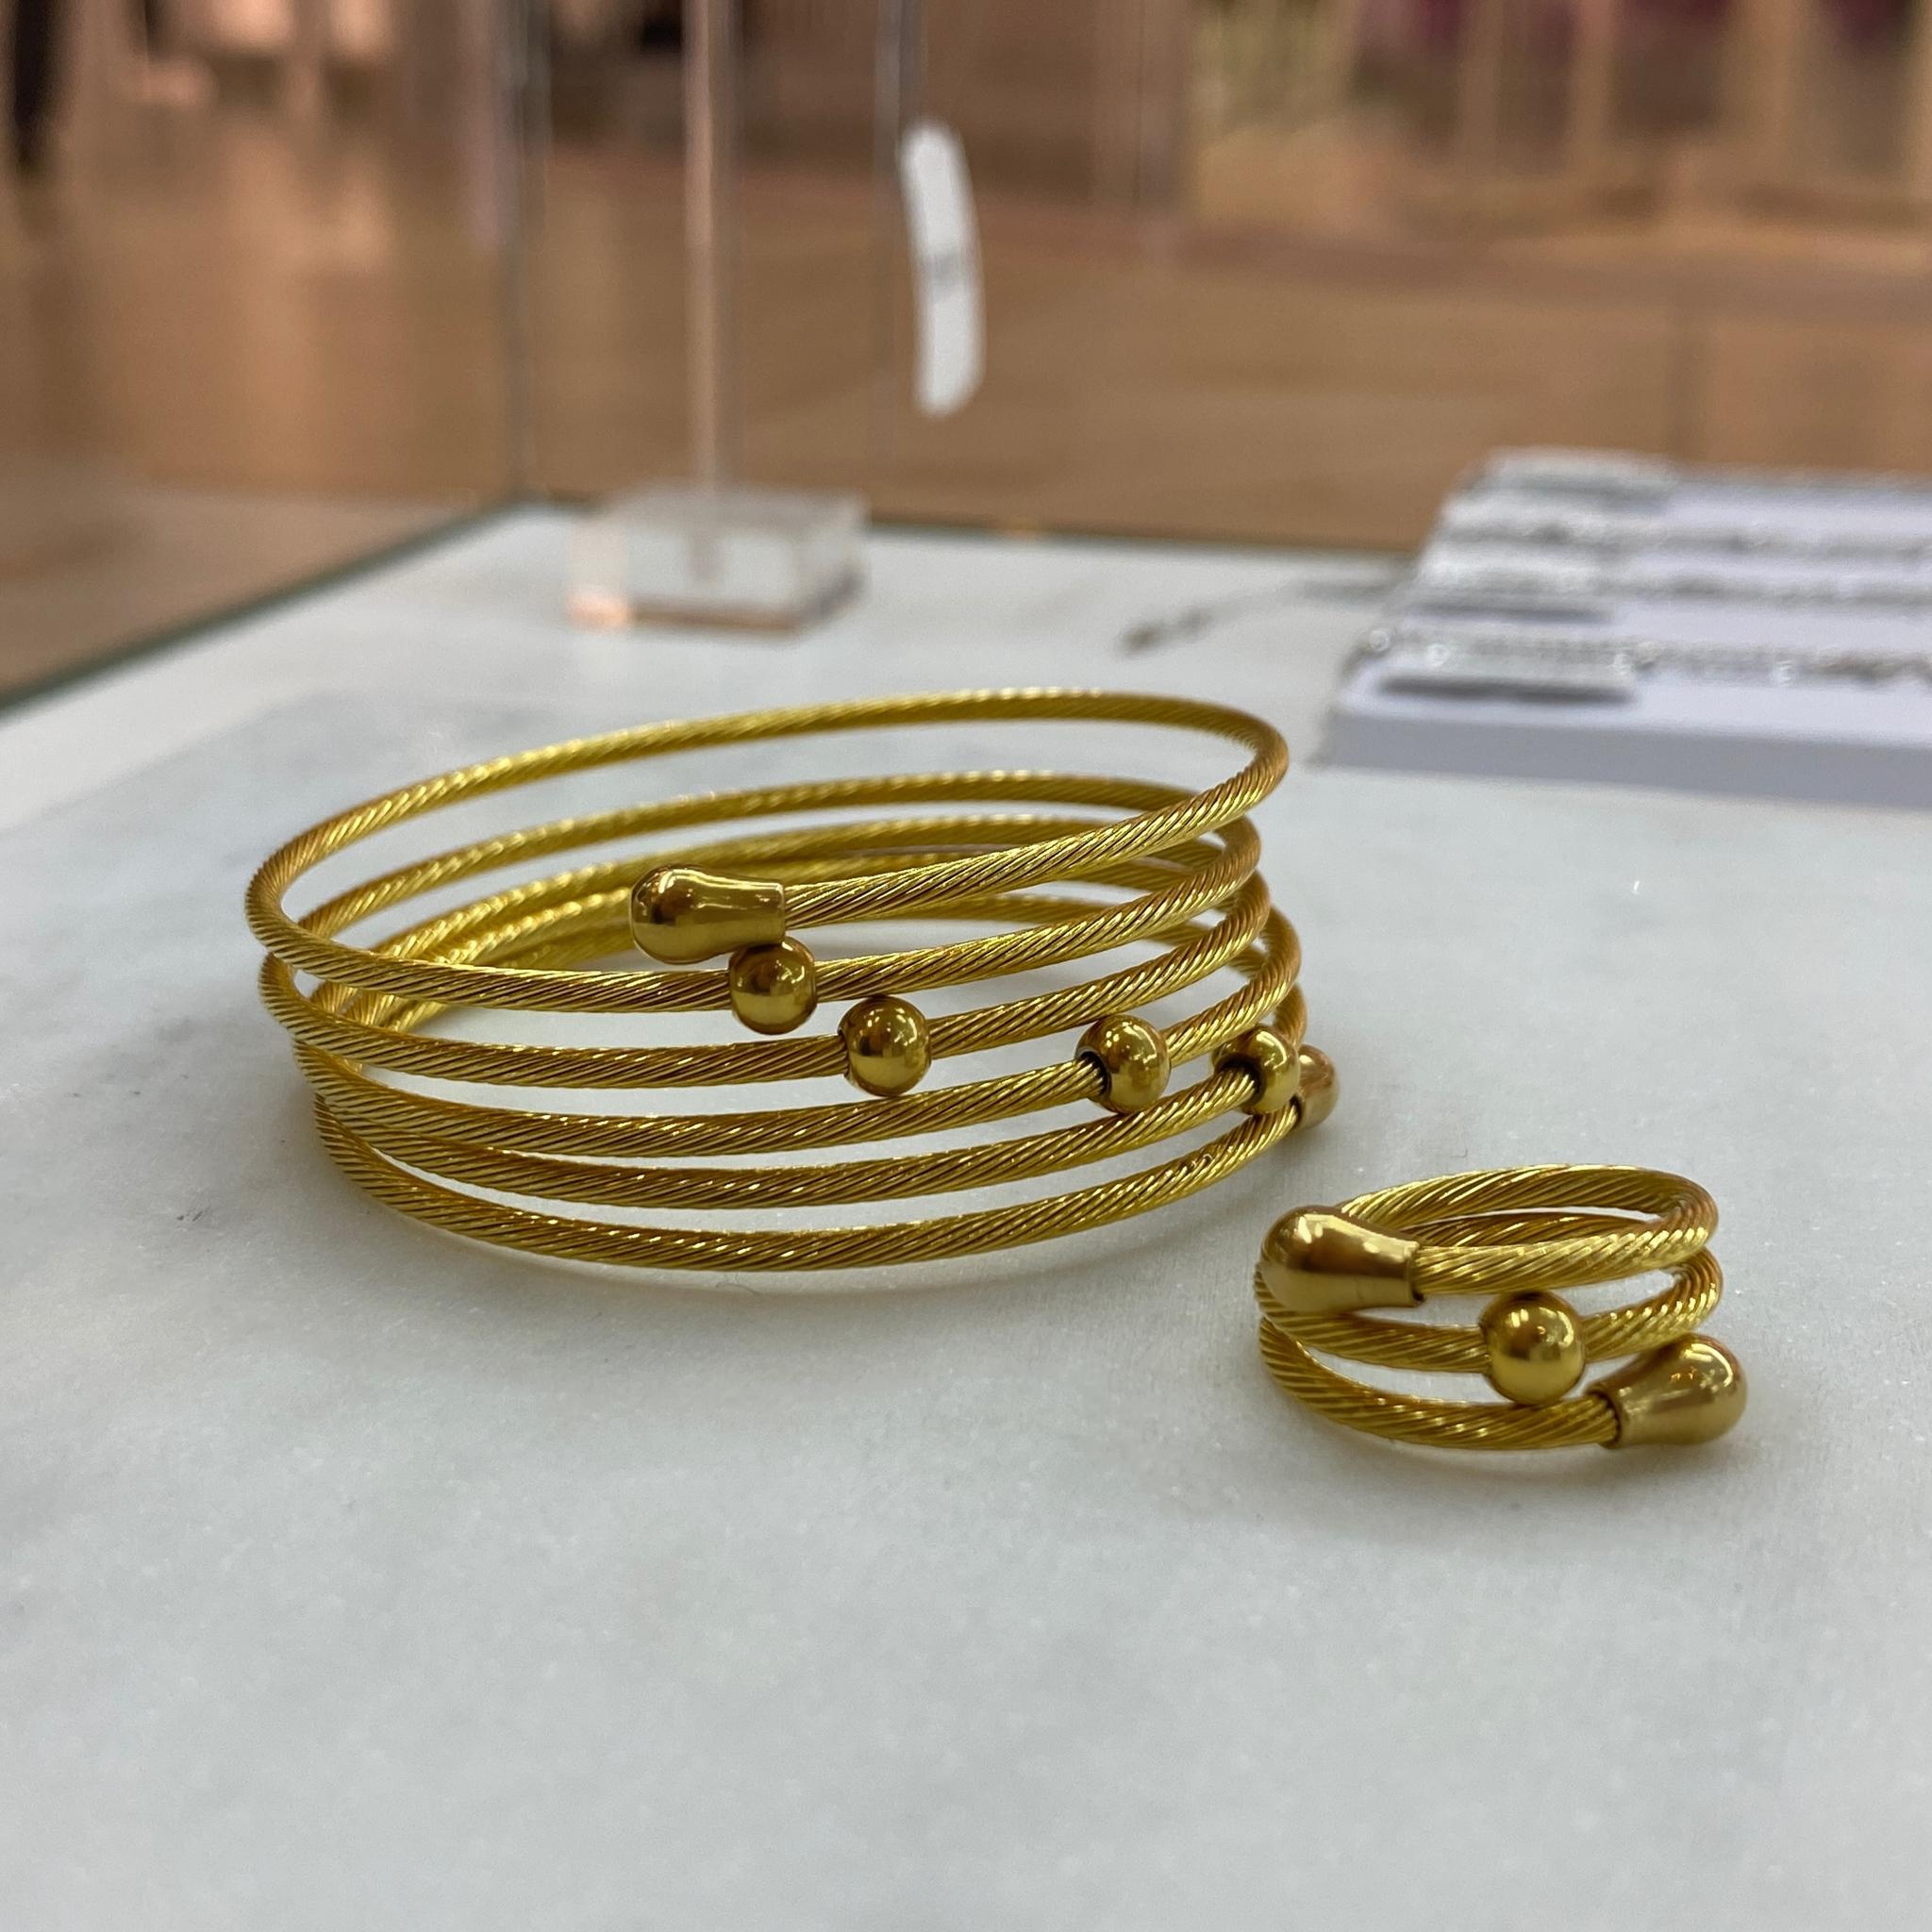 К-т Браслет и Кольцо, кабельный пружинный, сталь (золотистый)